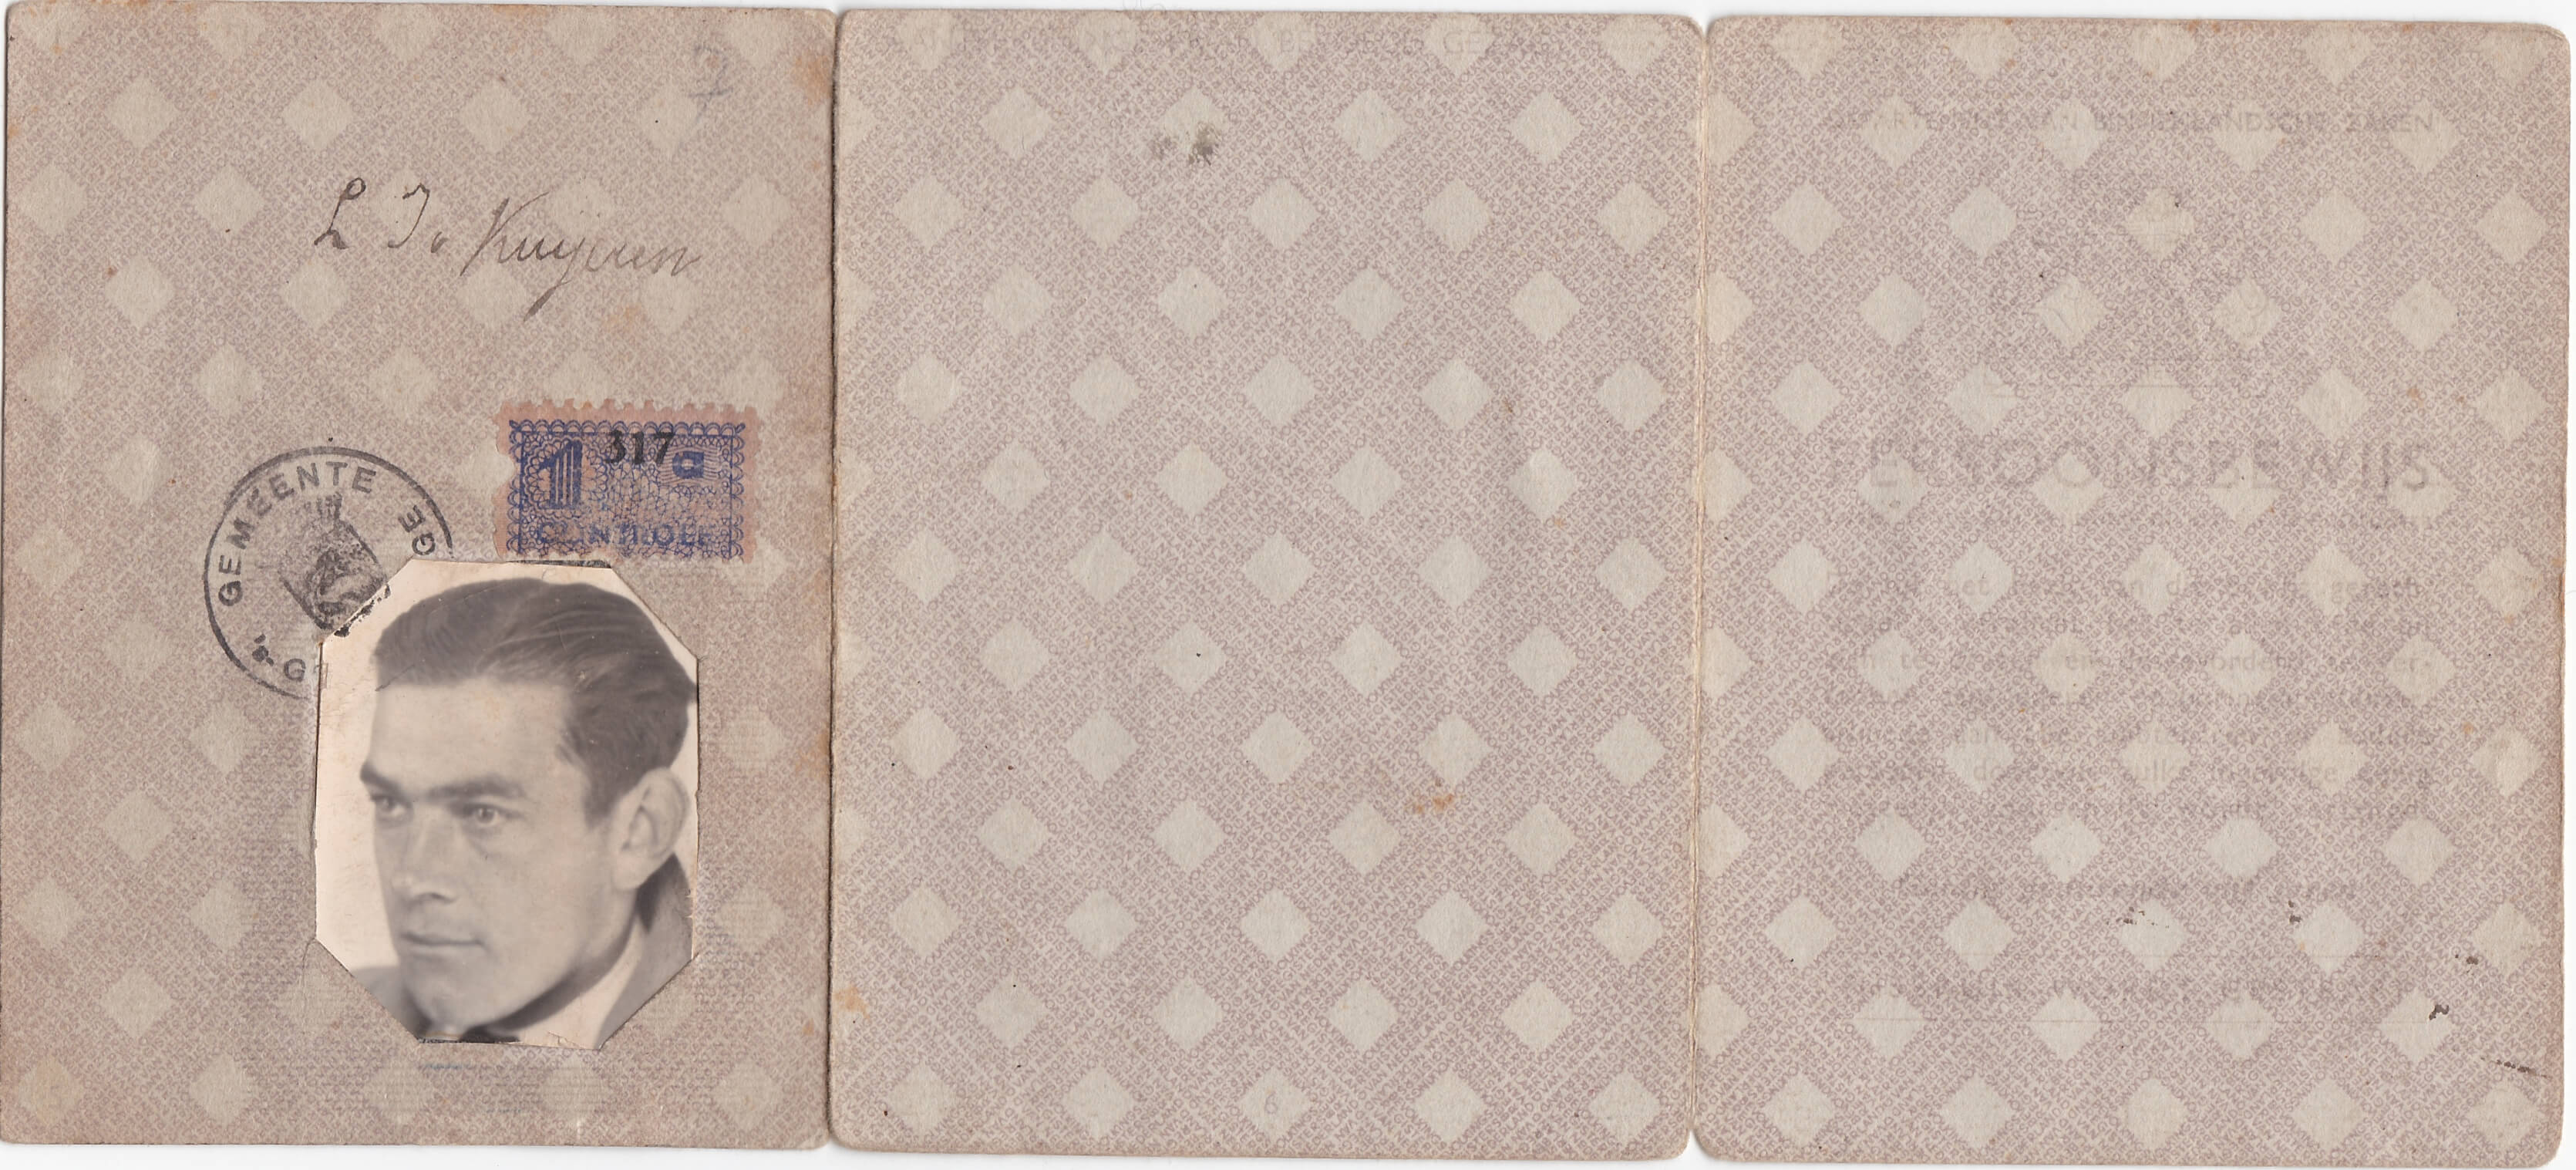 Persoonsbewijs uit de tweede wereldoorlog